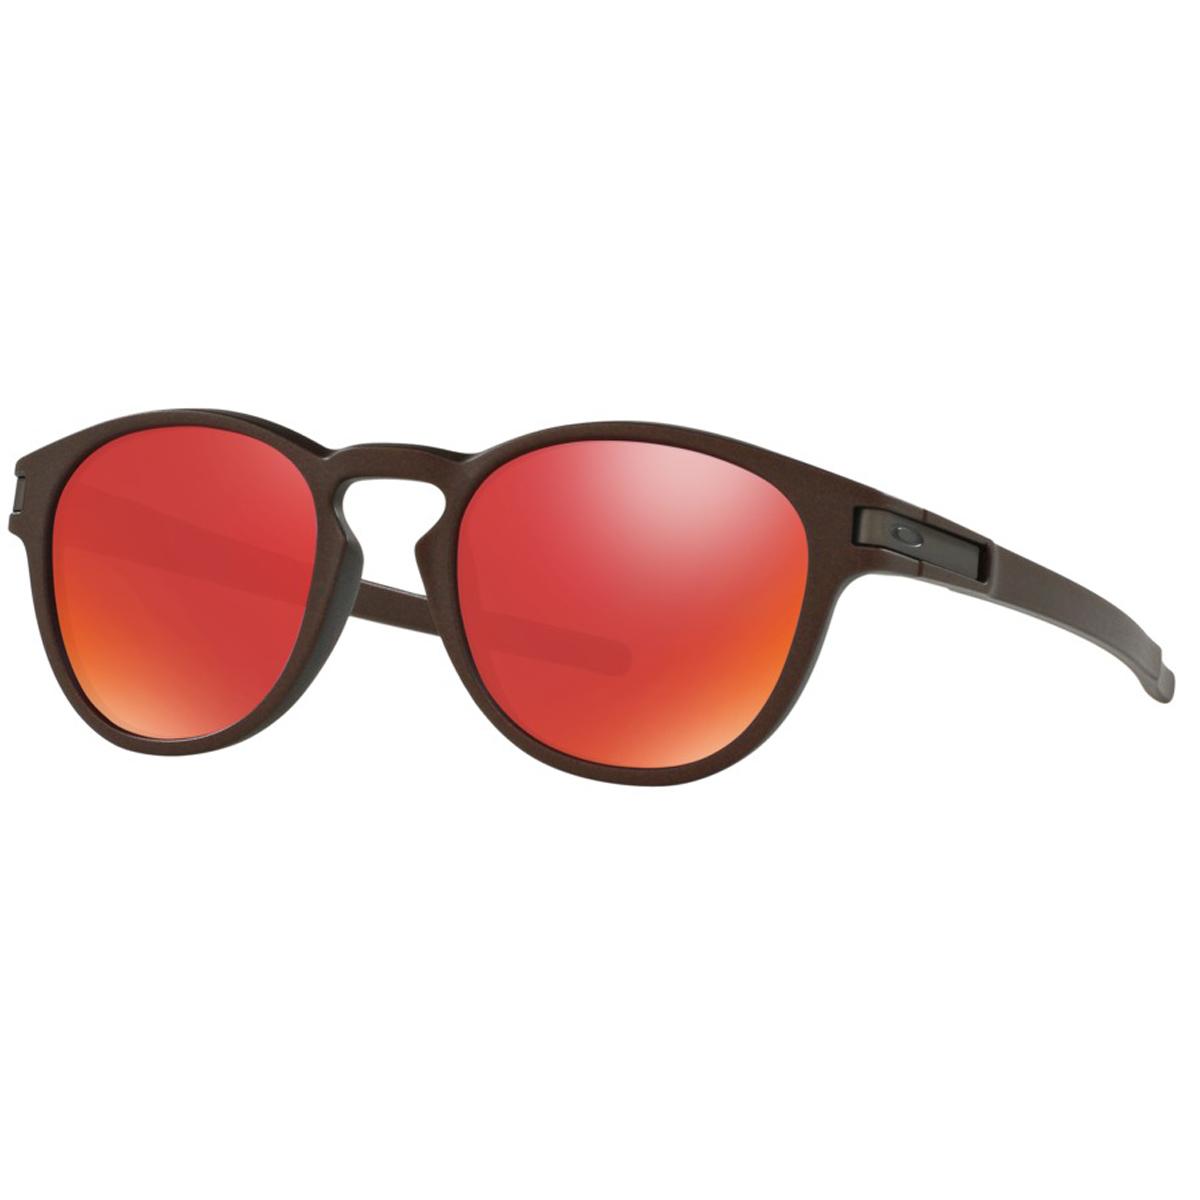 167970892b2e0 Óculos Oakley Latch Metal Corten Lente Torch Iridium ref OO9265-11